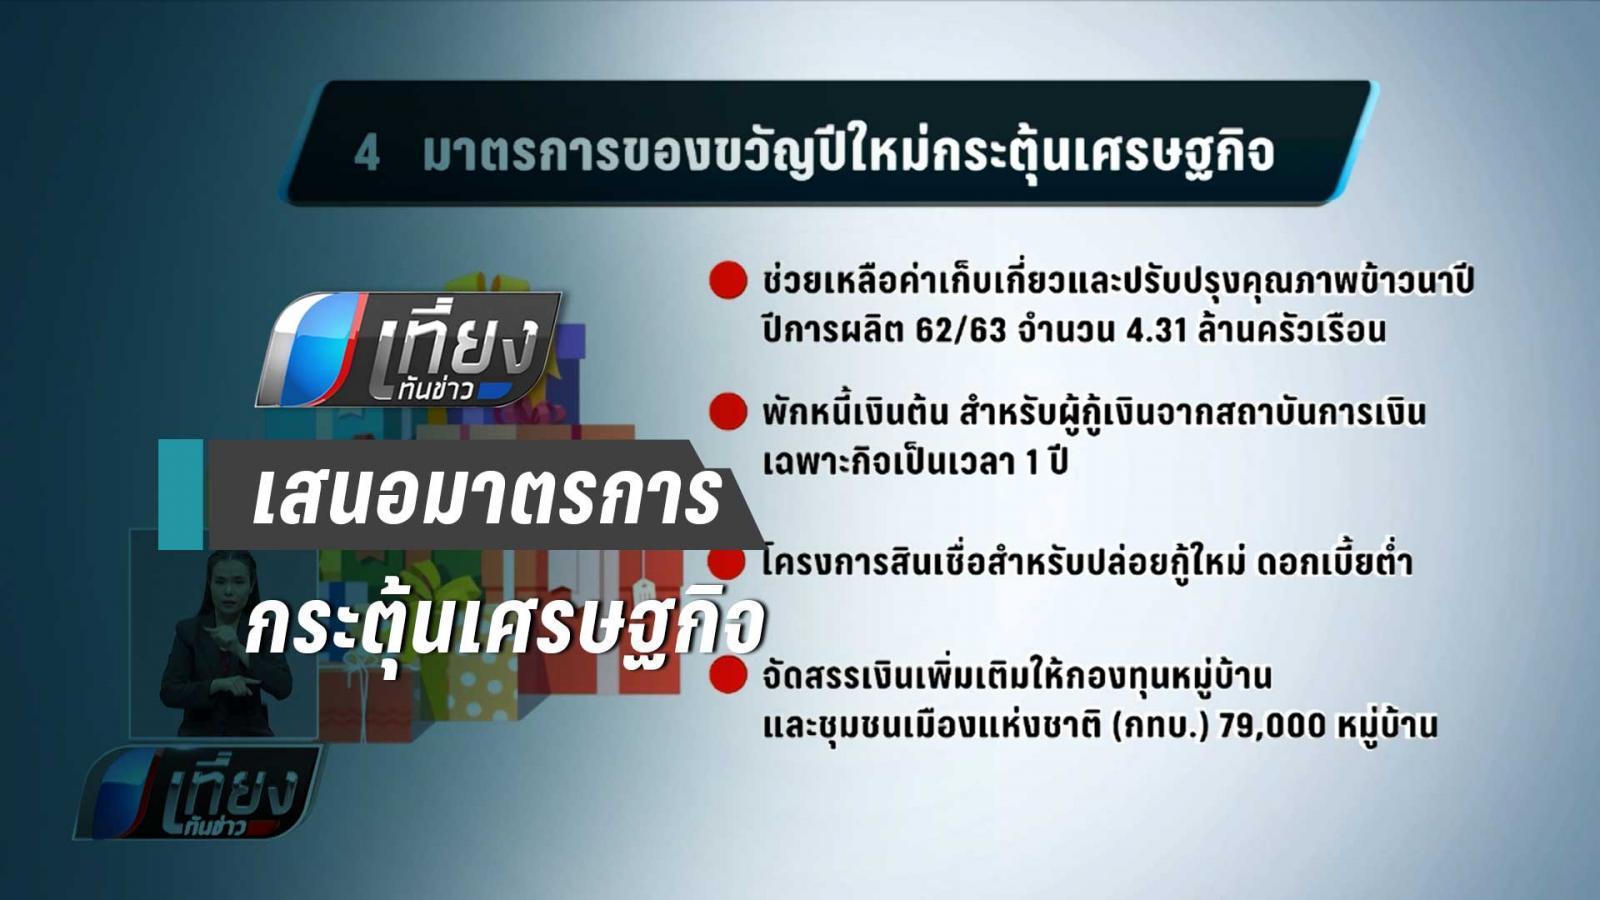 คลัง มอบของขวัญปีใหม่ เสนอ 4 มาตรการกระตุ้นเศรษฐกิจ